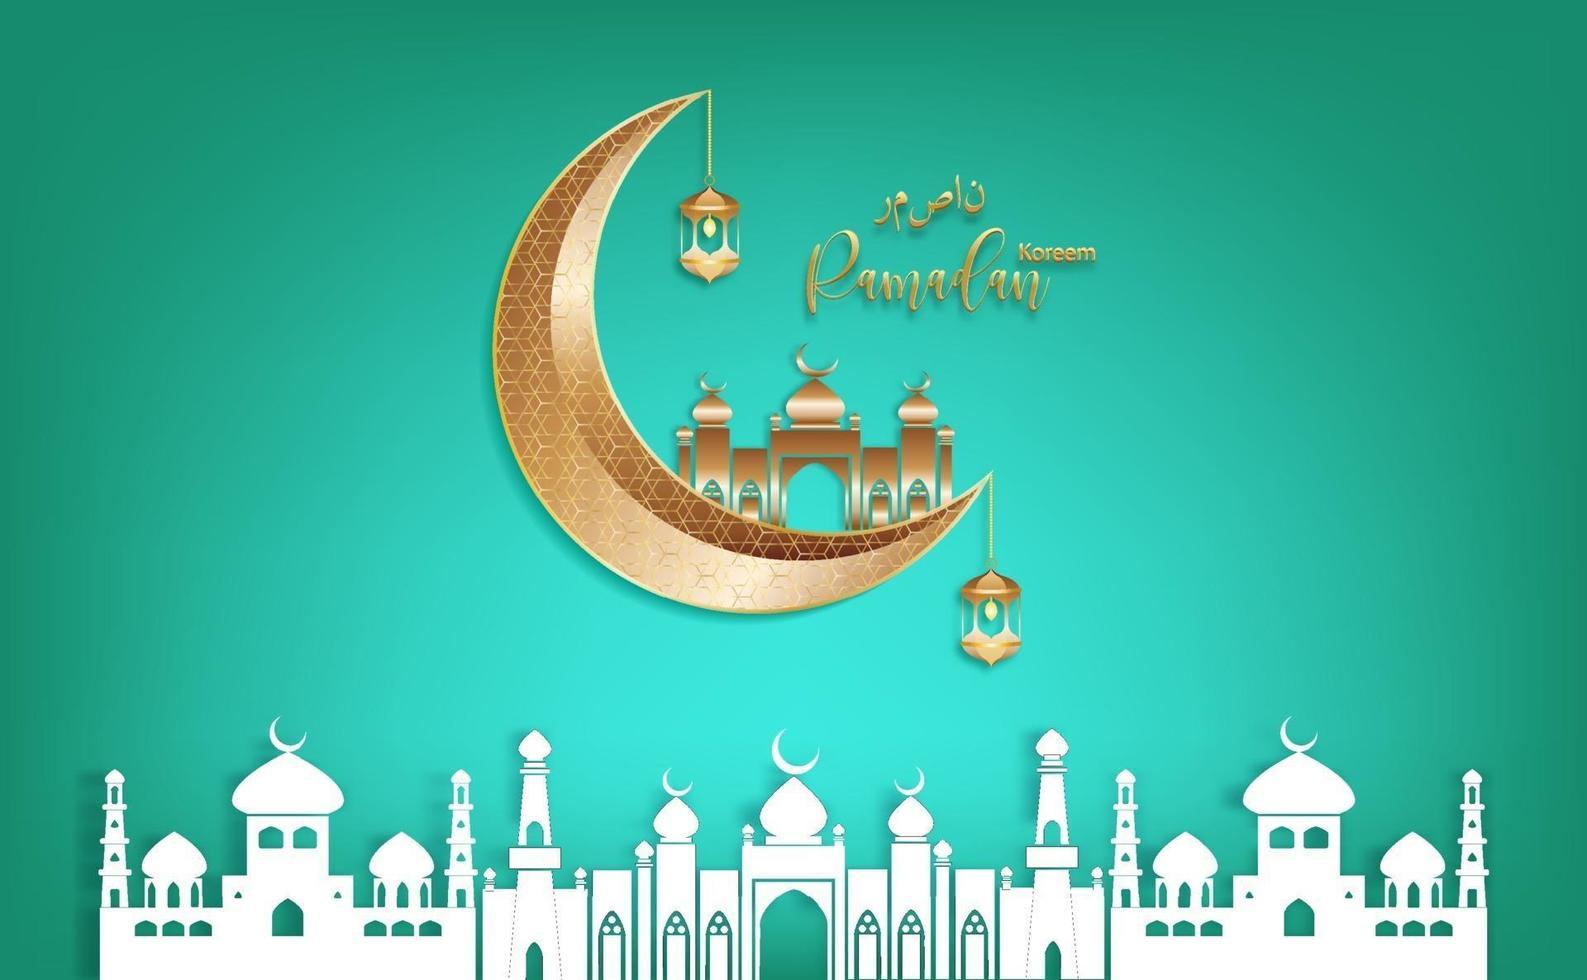 eid mubarak ramadan kareem vettore che desidera per il festival islamico su sfondo verde.